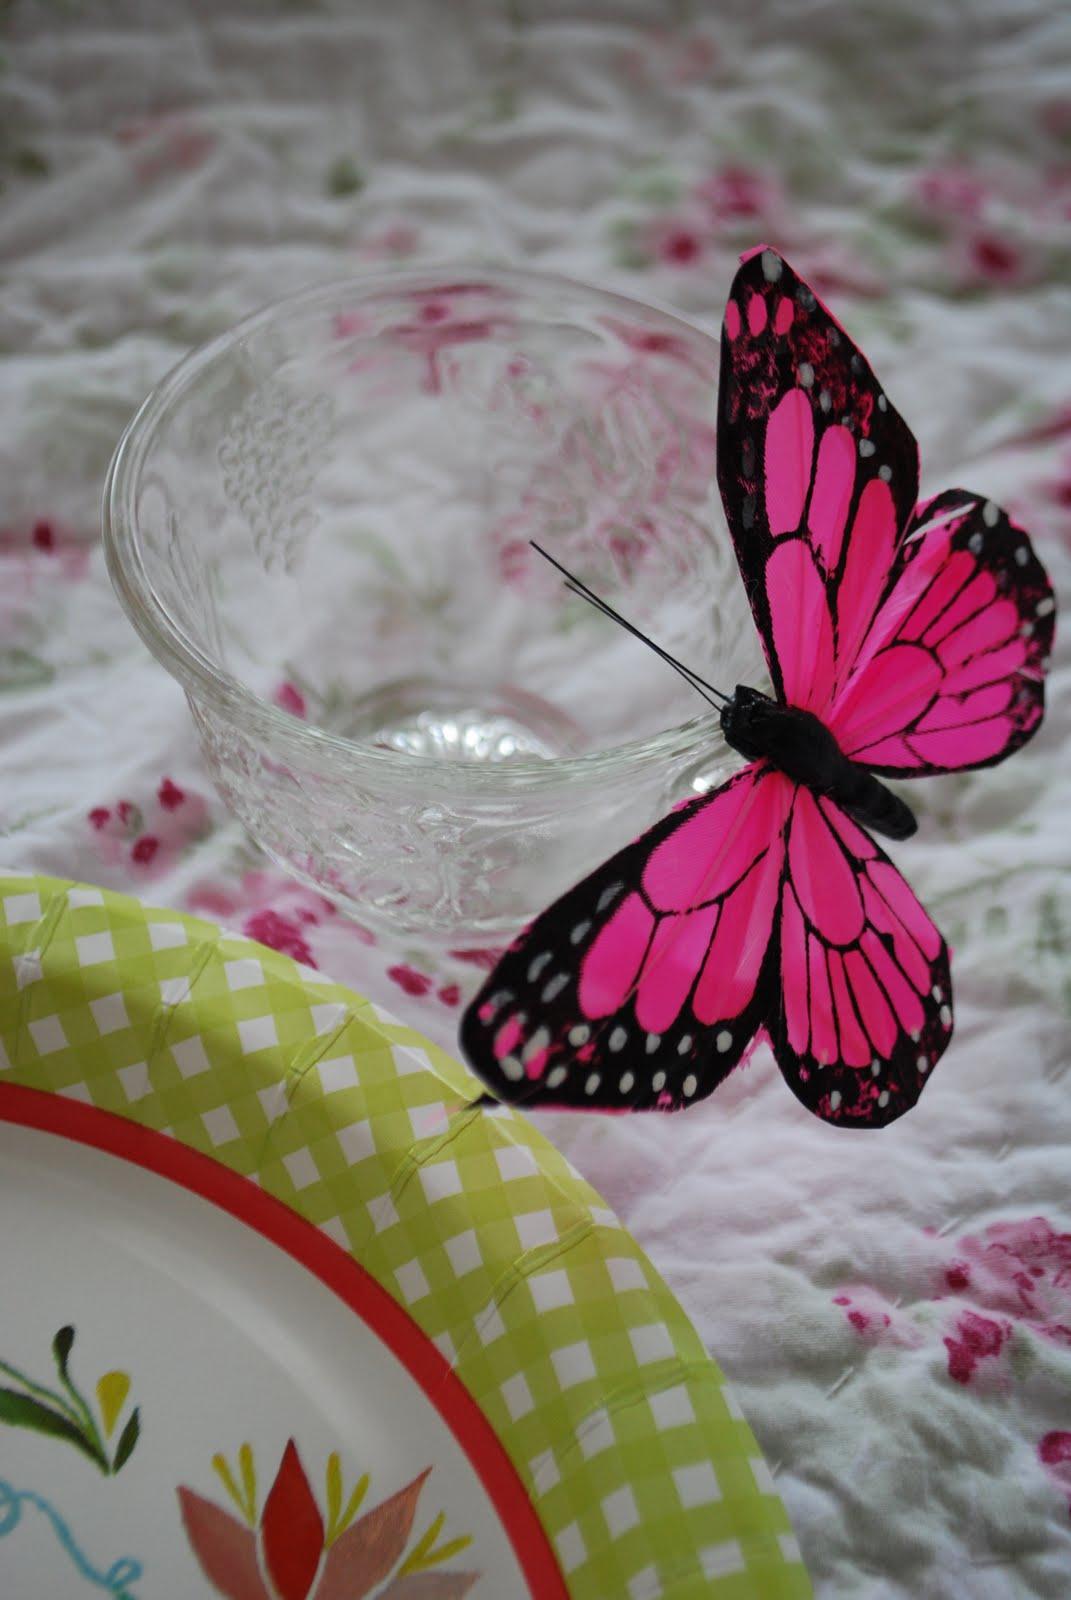 Quot Isabelle Thornton Quot Le Chateau Des Fleurs Butterfly